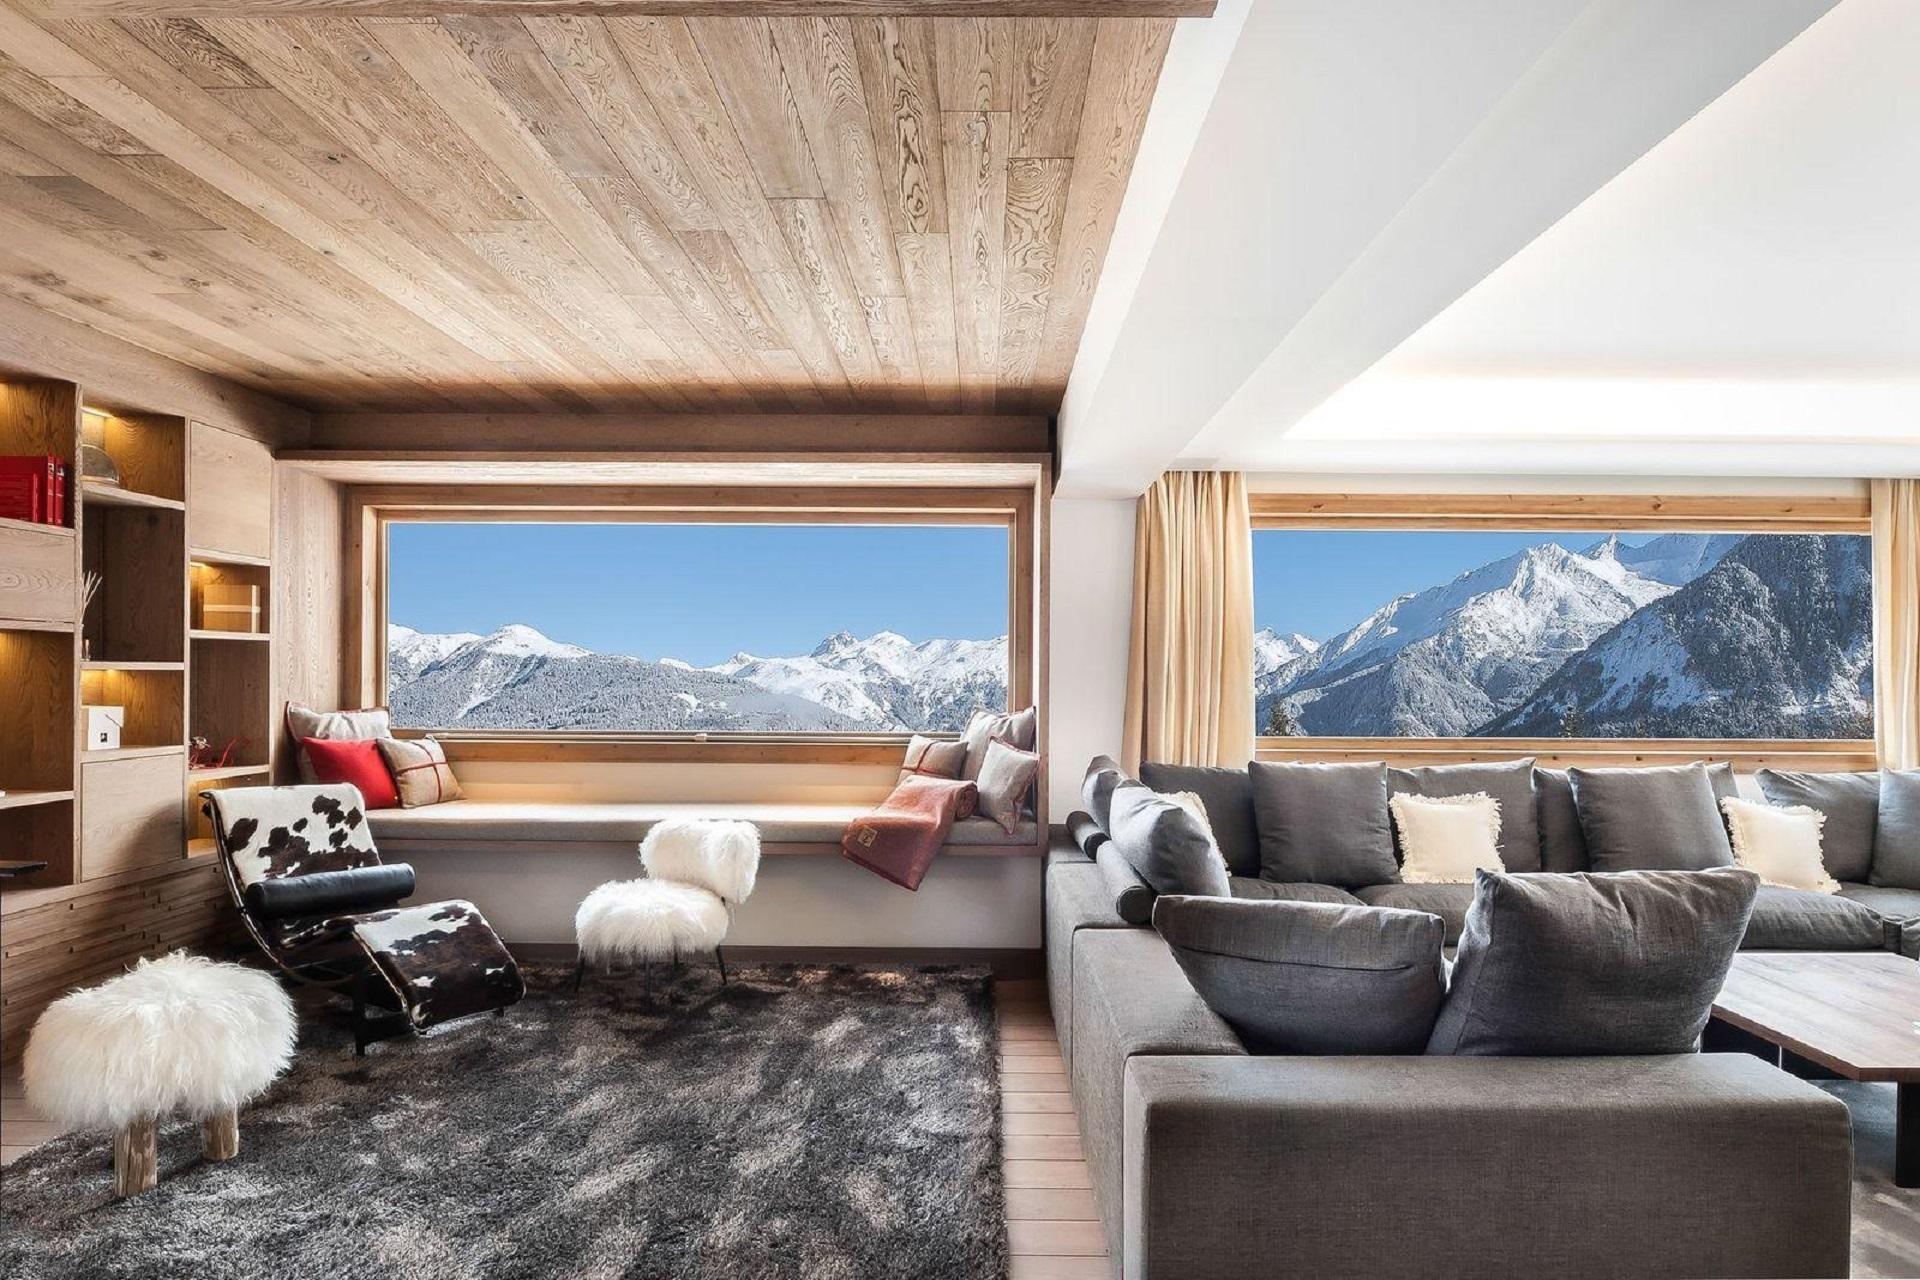 le-1550-iconic-house-courchevel-vue-ski-neige-montagne-seminaires-de-caractere